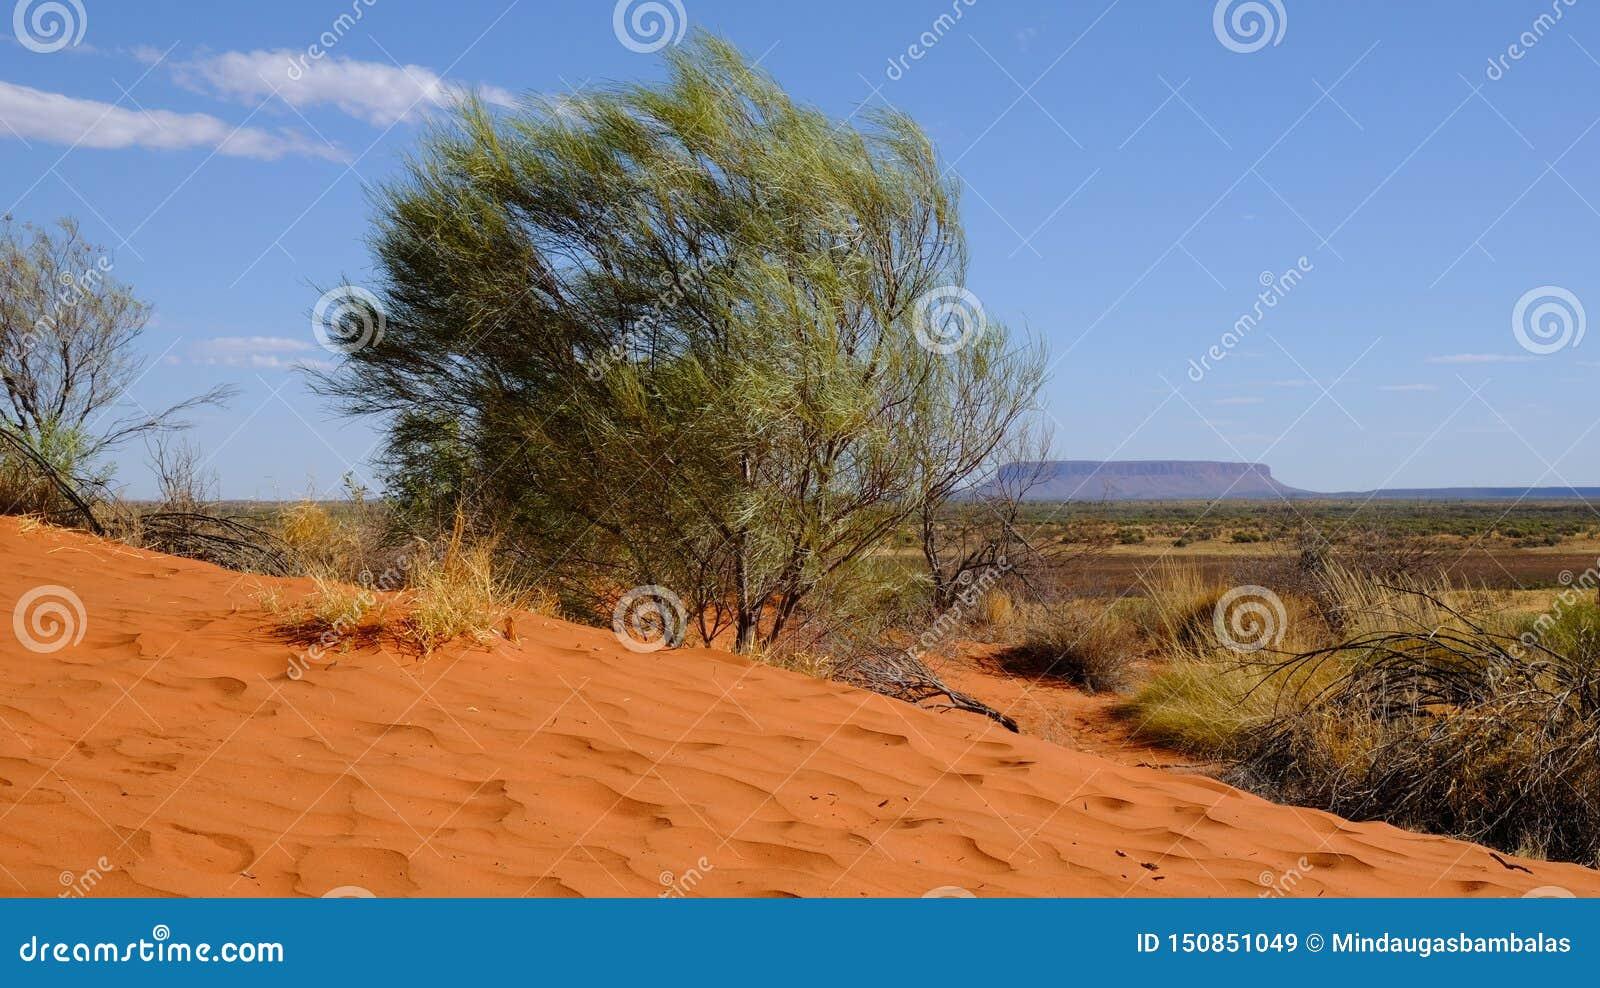 Stołowy wierzchołek halny Conner w odludziu na horyzoncie, słoneczny dzień w terytorium północnym Australia